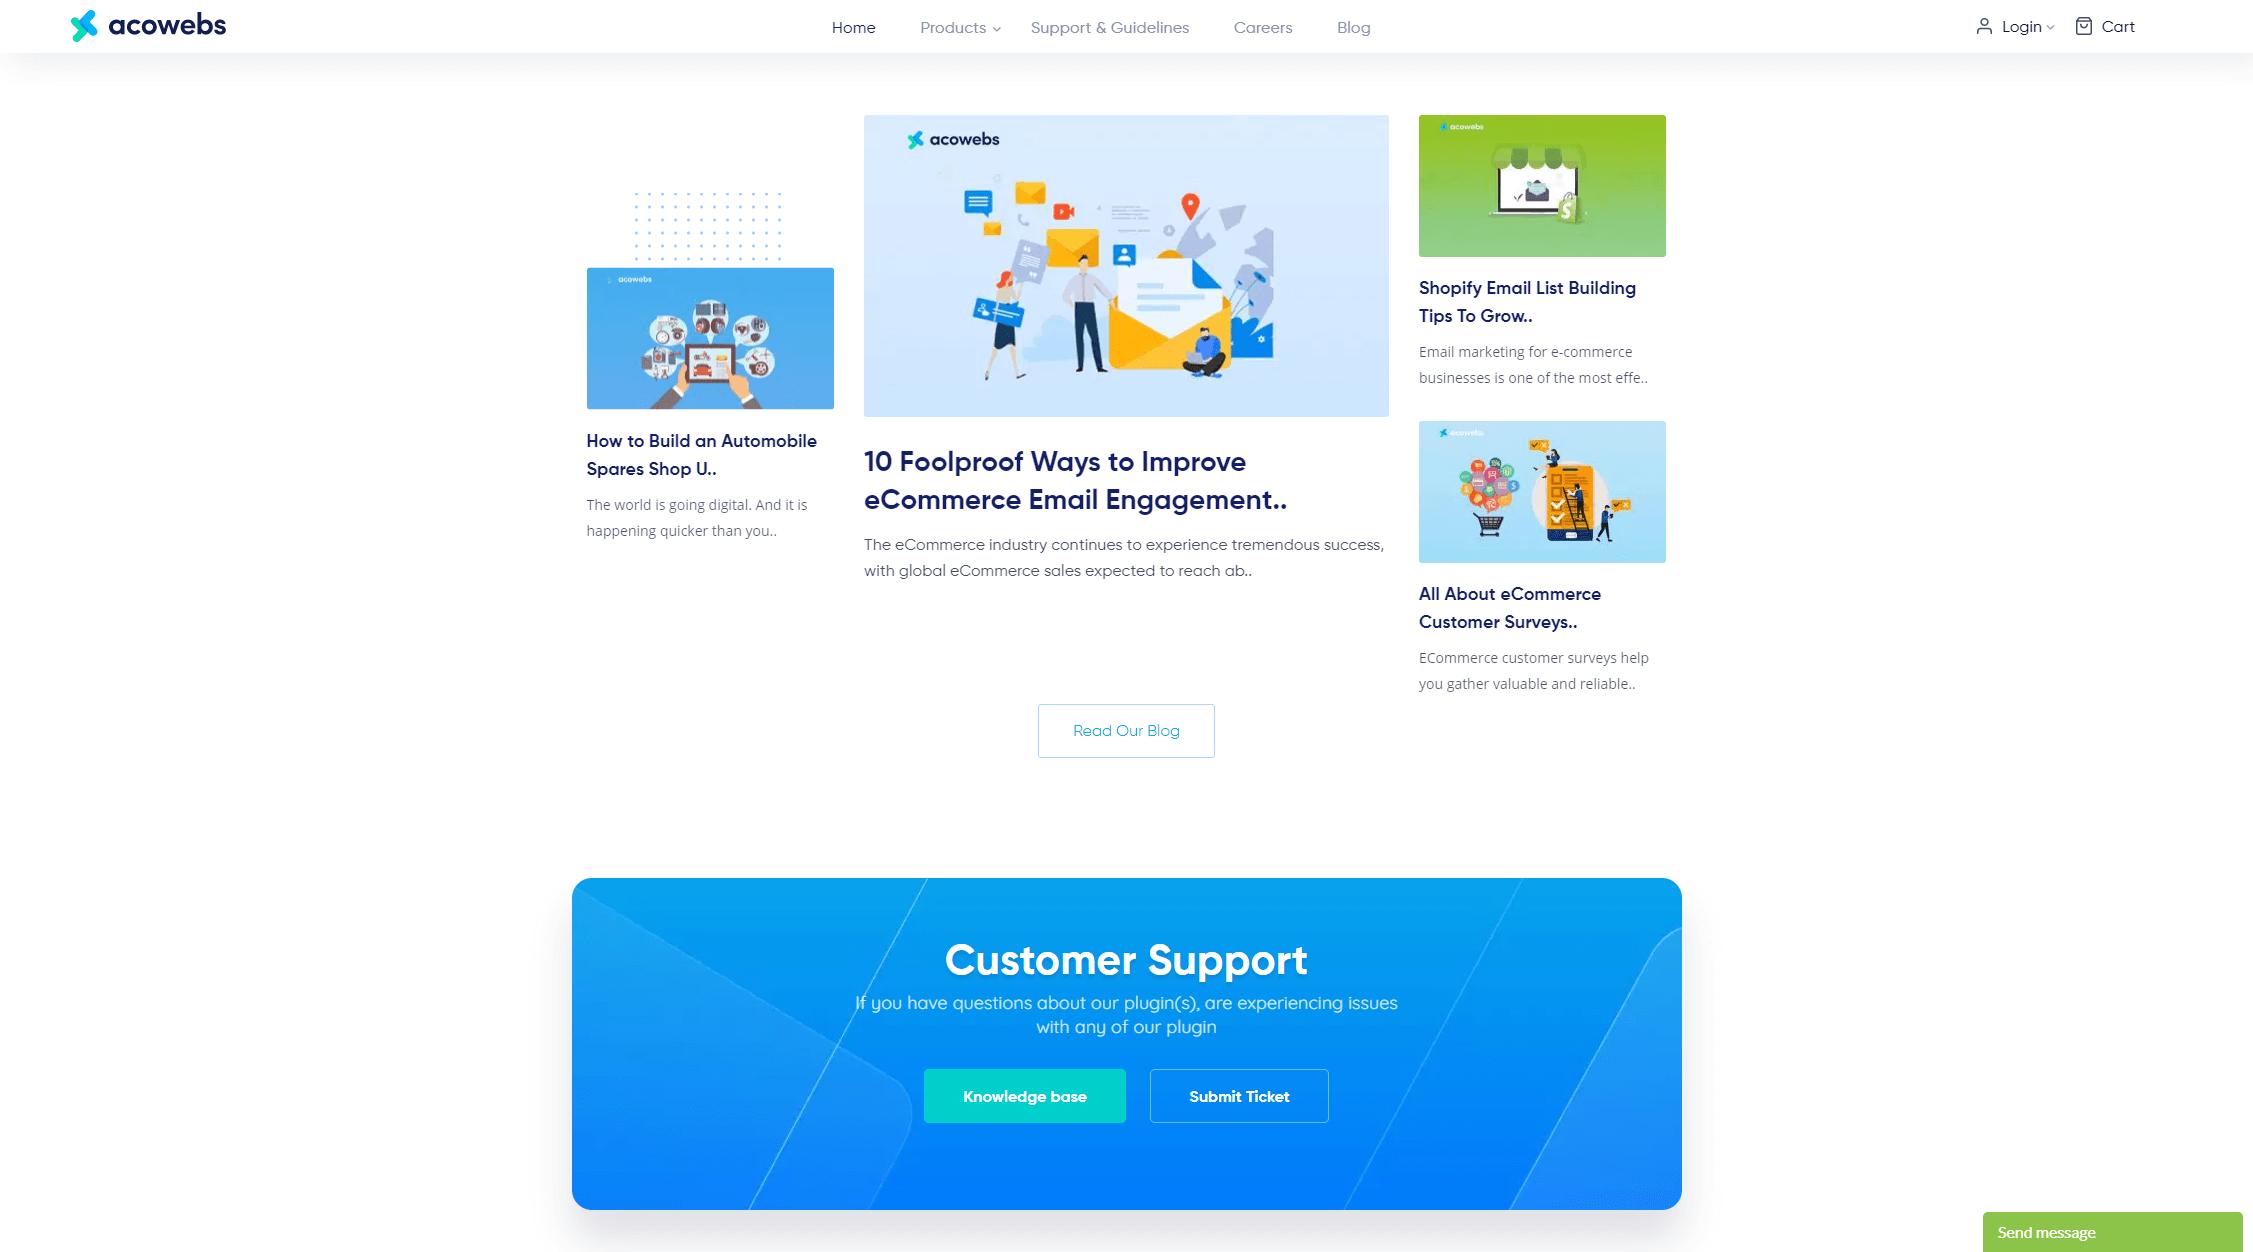 acowebs.com-3